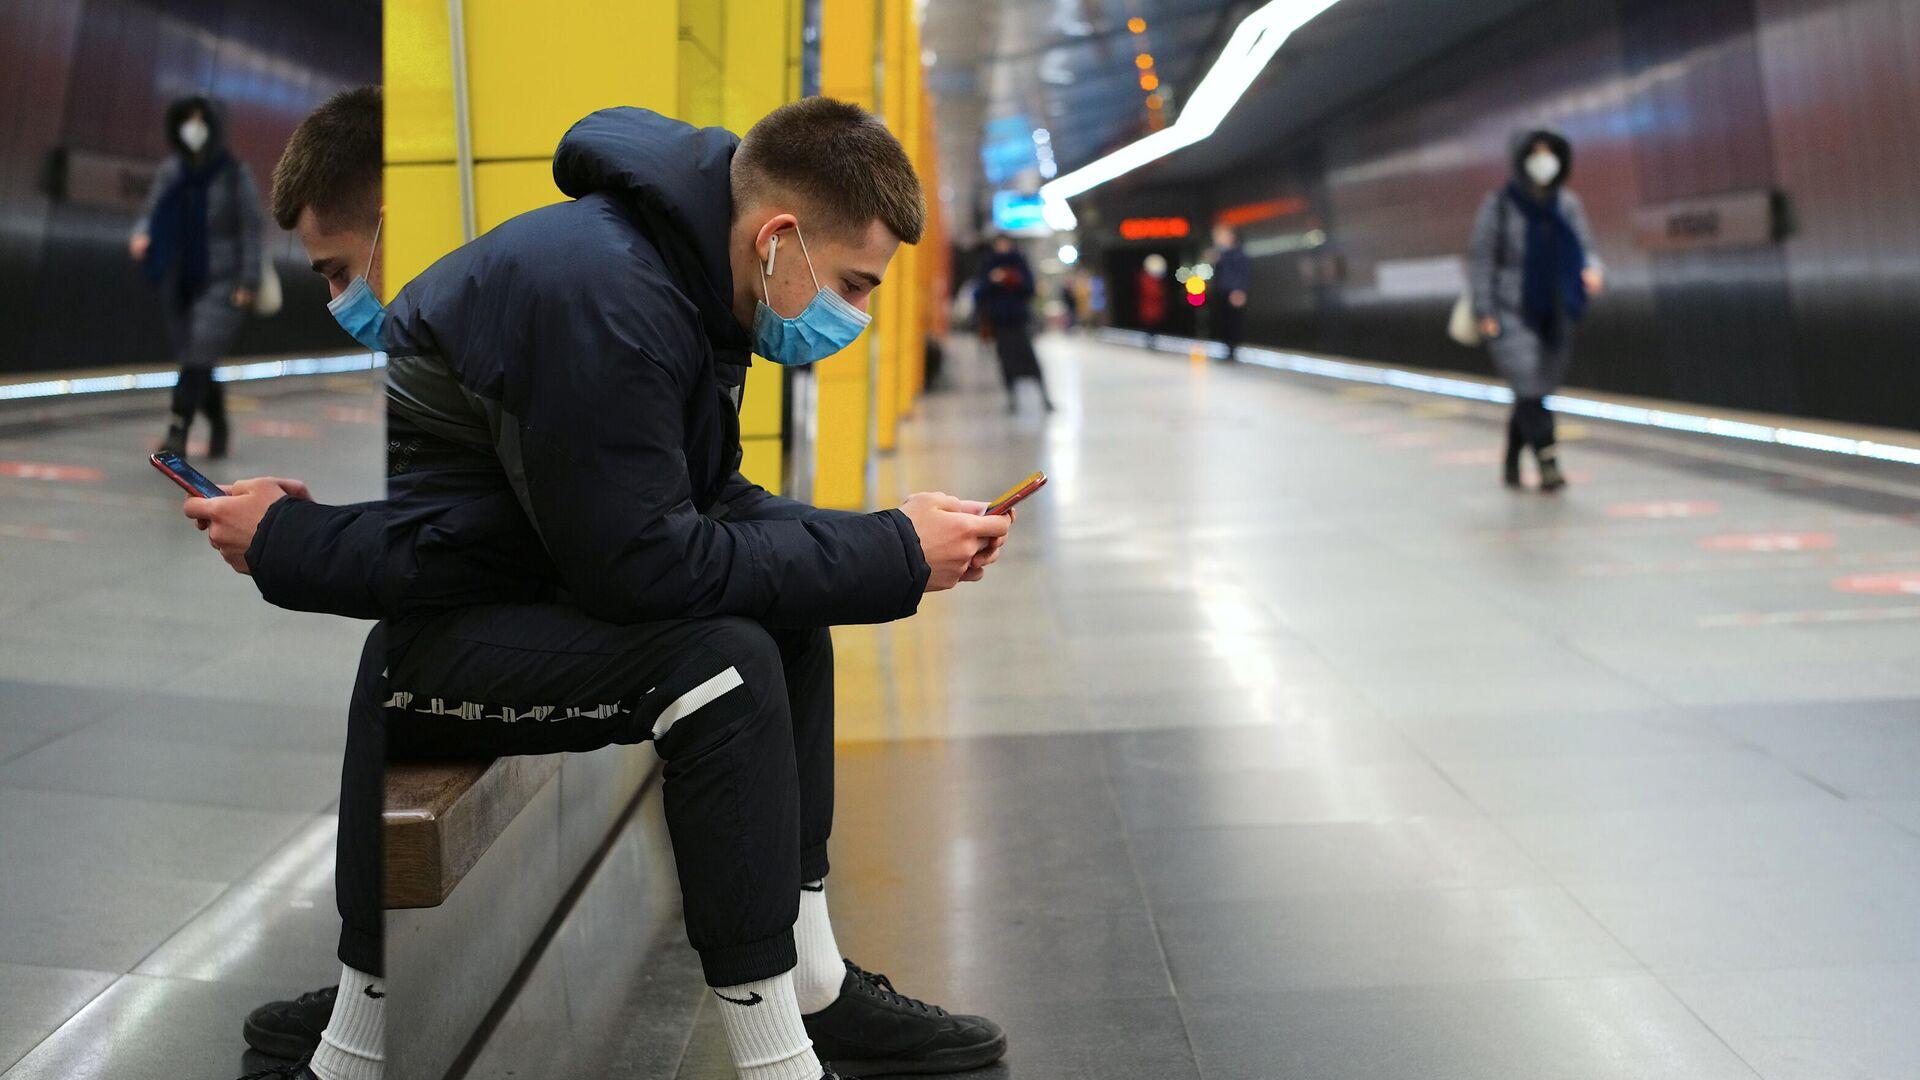 Молодой человек в защитной маске на платформе Московского метрополитена - РИА Новости, 1920, 11.10.2021